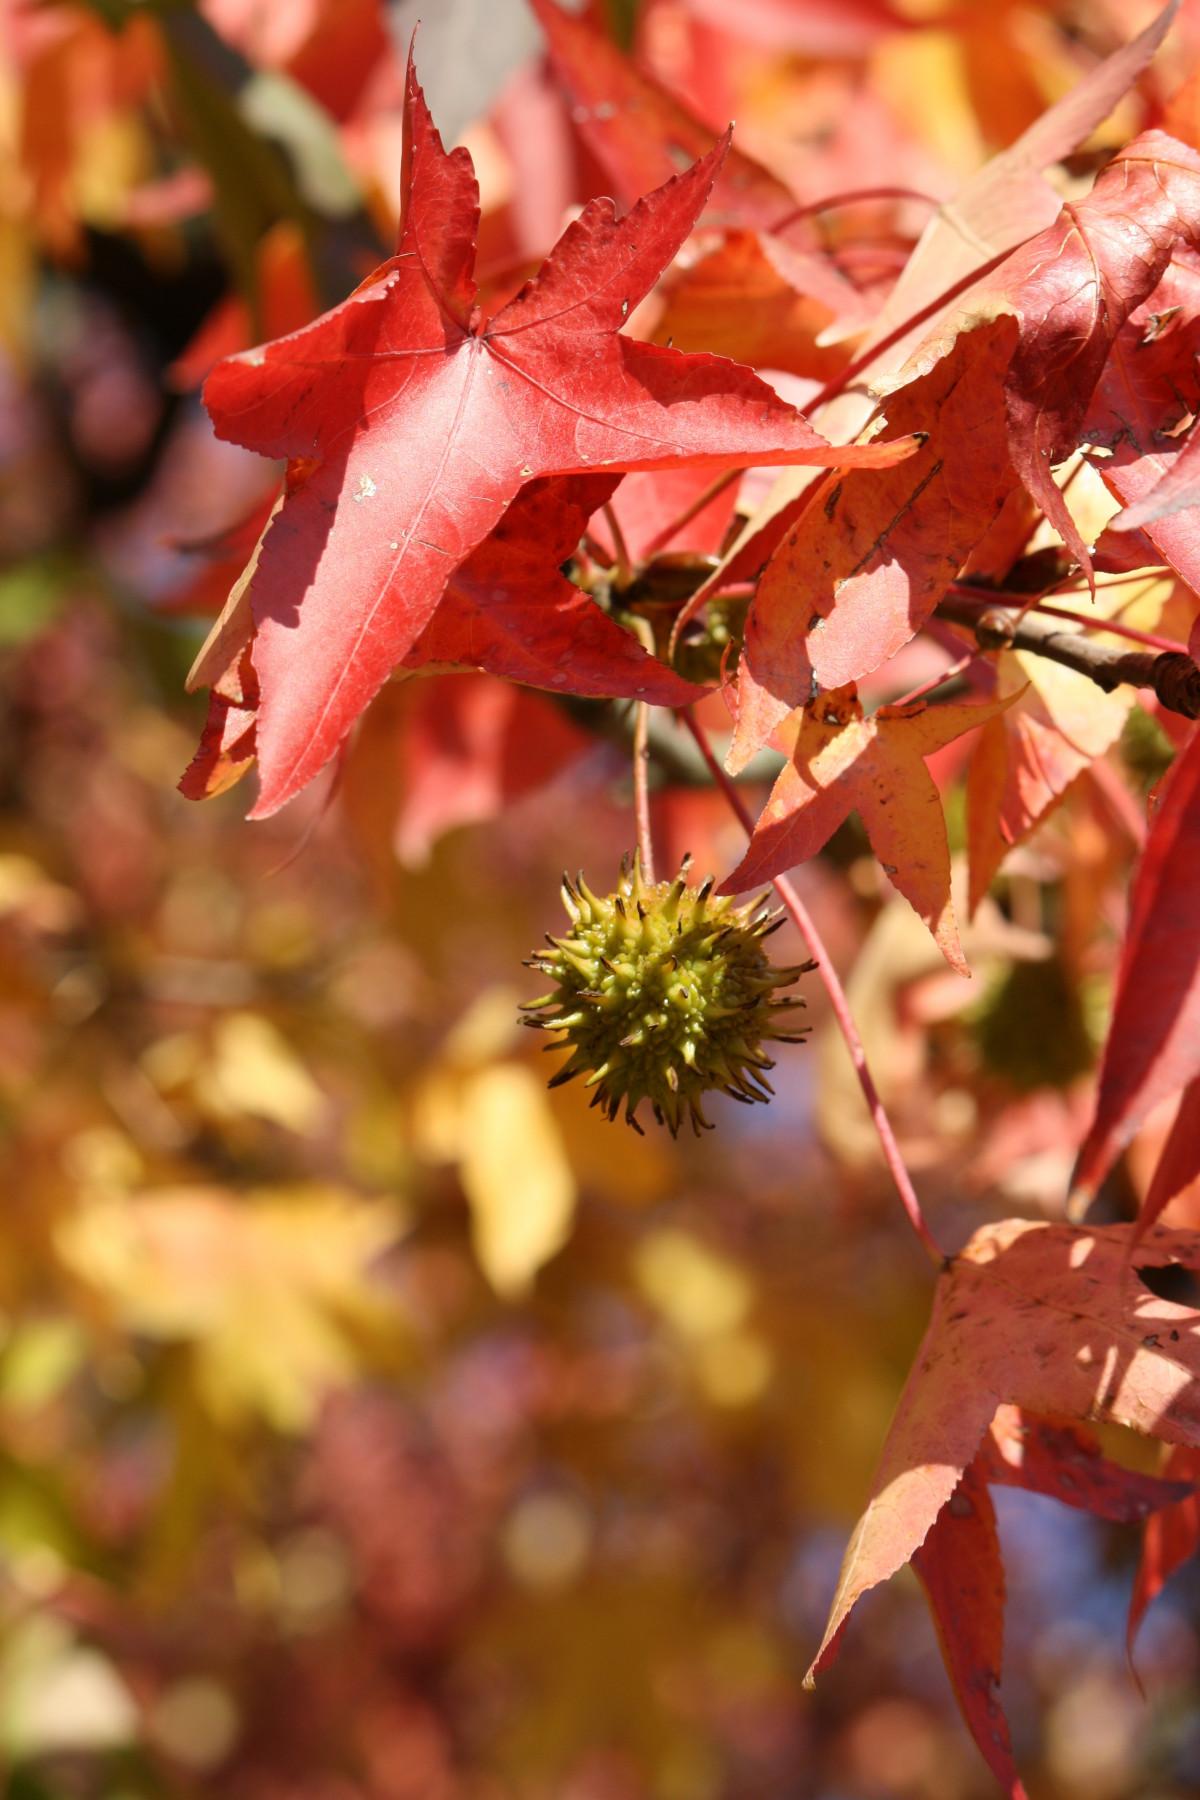 Images Gratuites  arbre la nature feuille fleur Orange printemps lautomne botanique